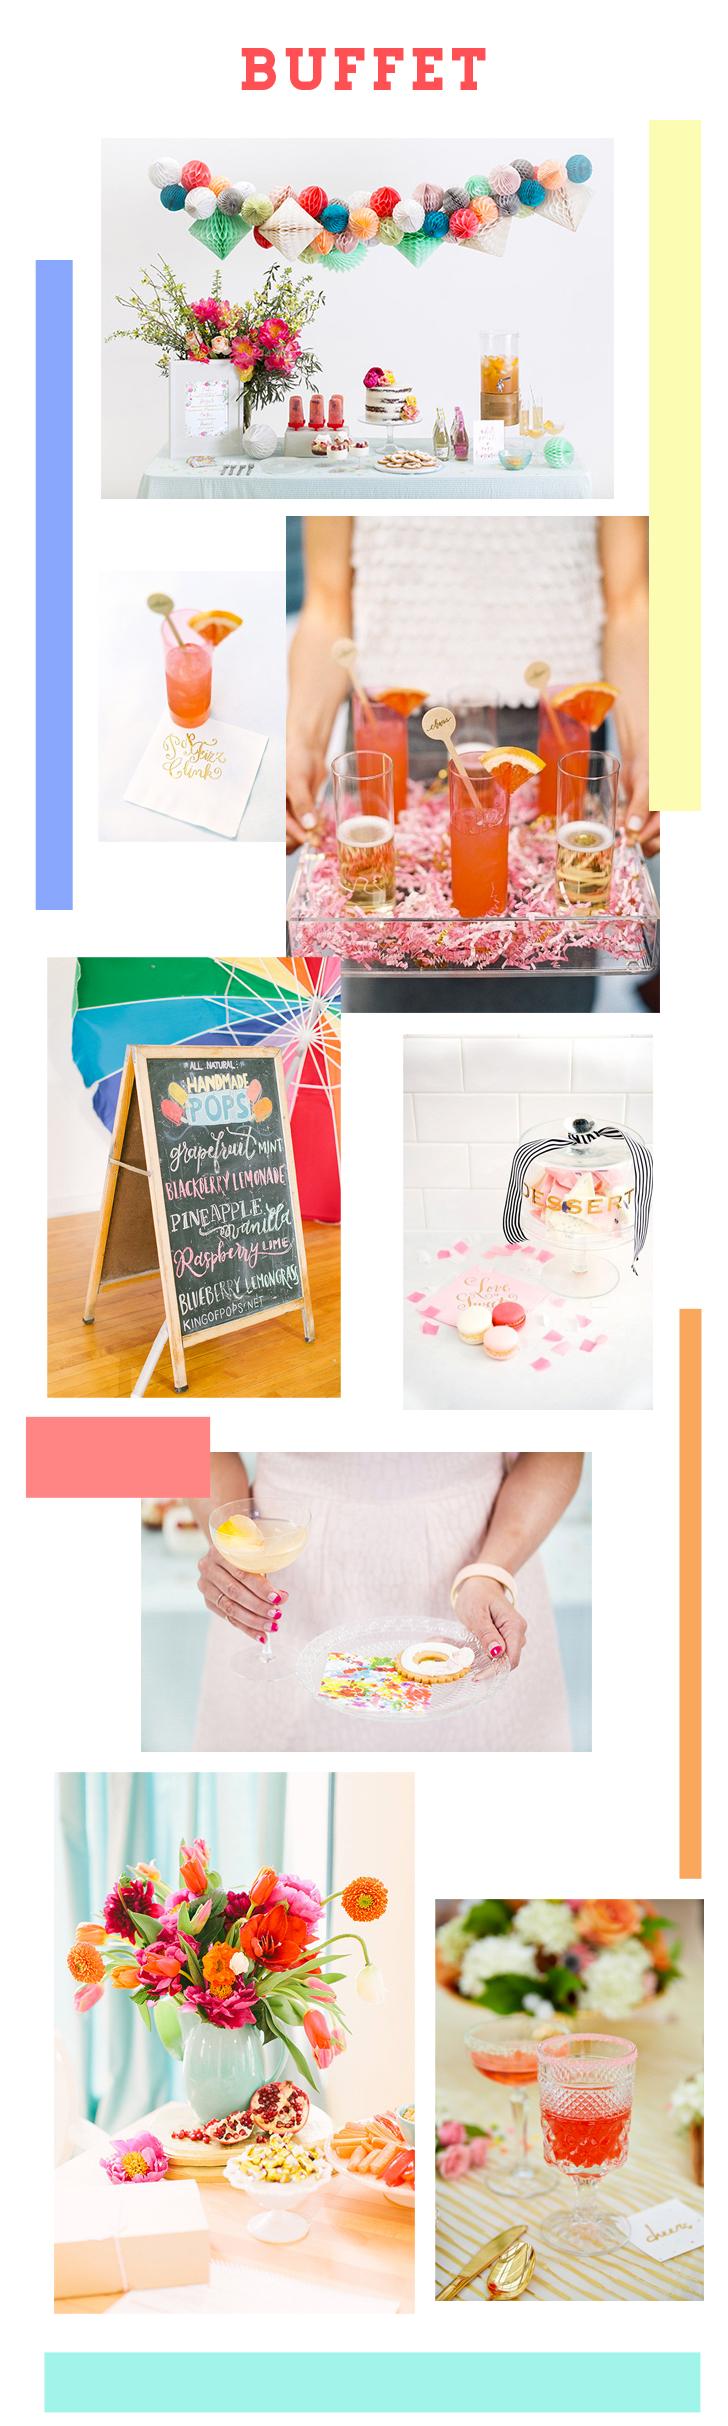 Décoration coloré pour des buffets ou des tables de fête. Mademoiselle Claudine